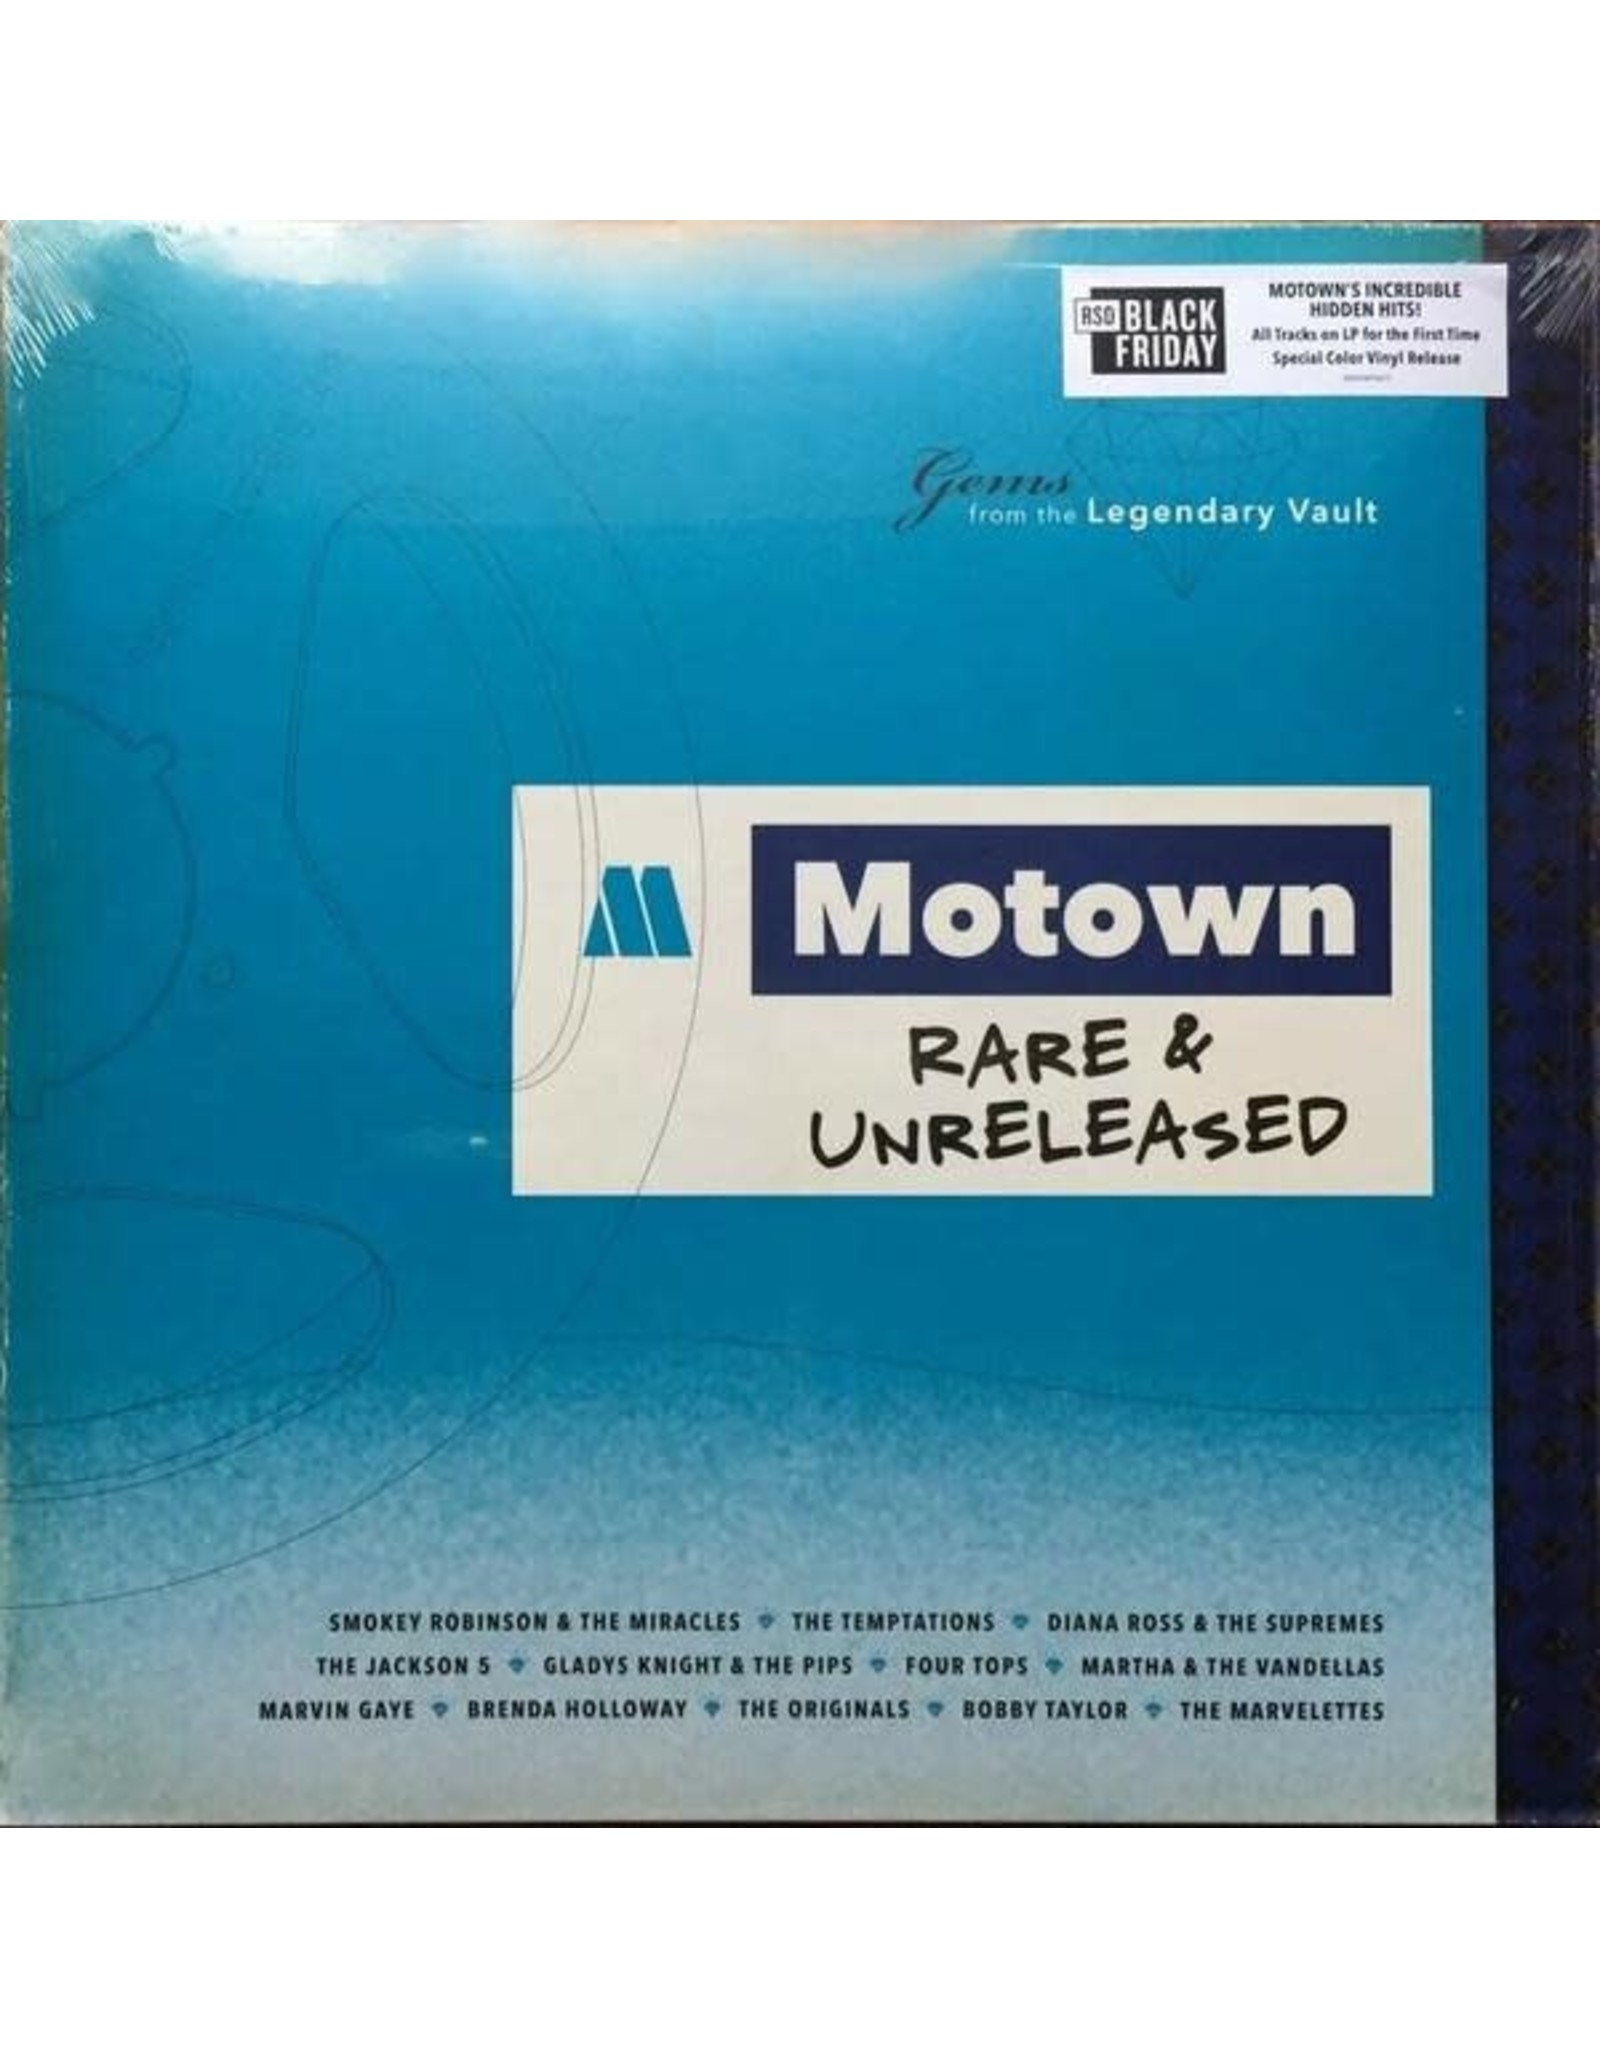 V/A - Motown Rare & Unreleased LP